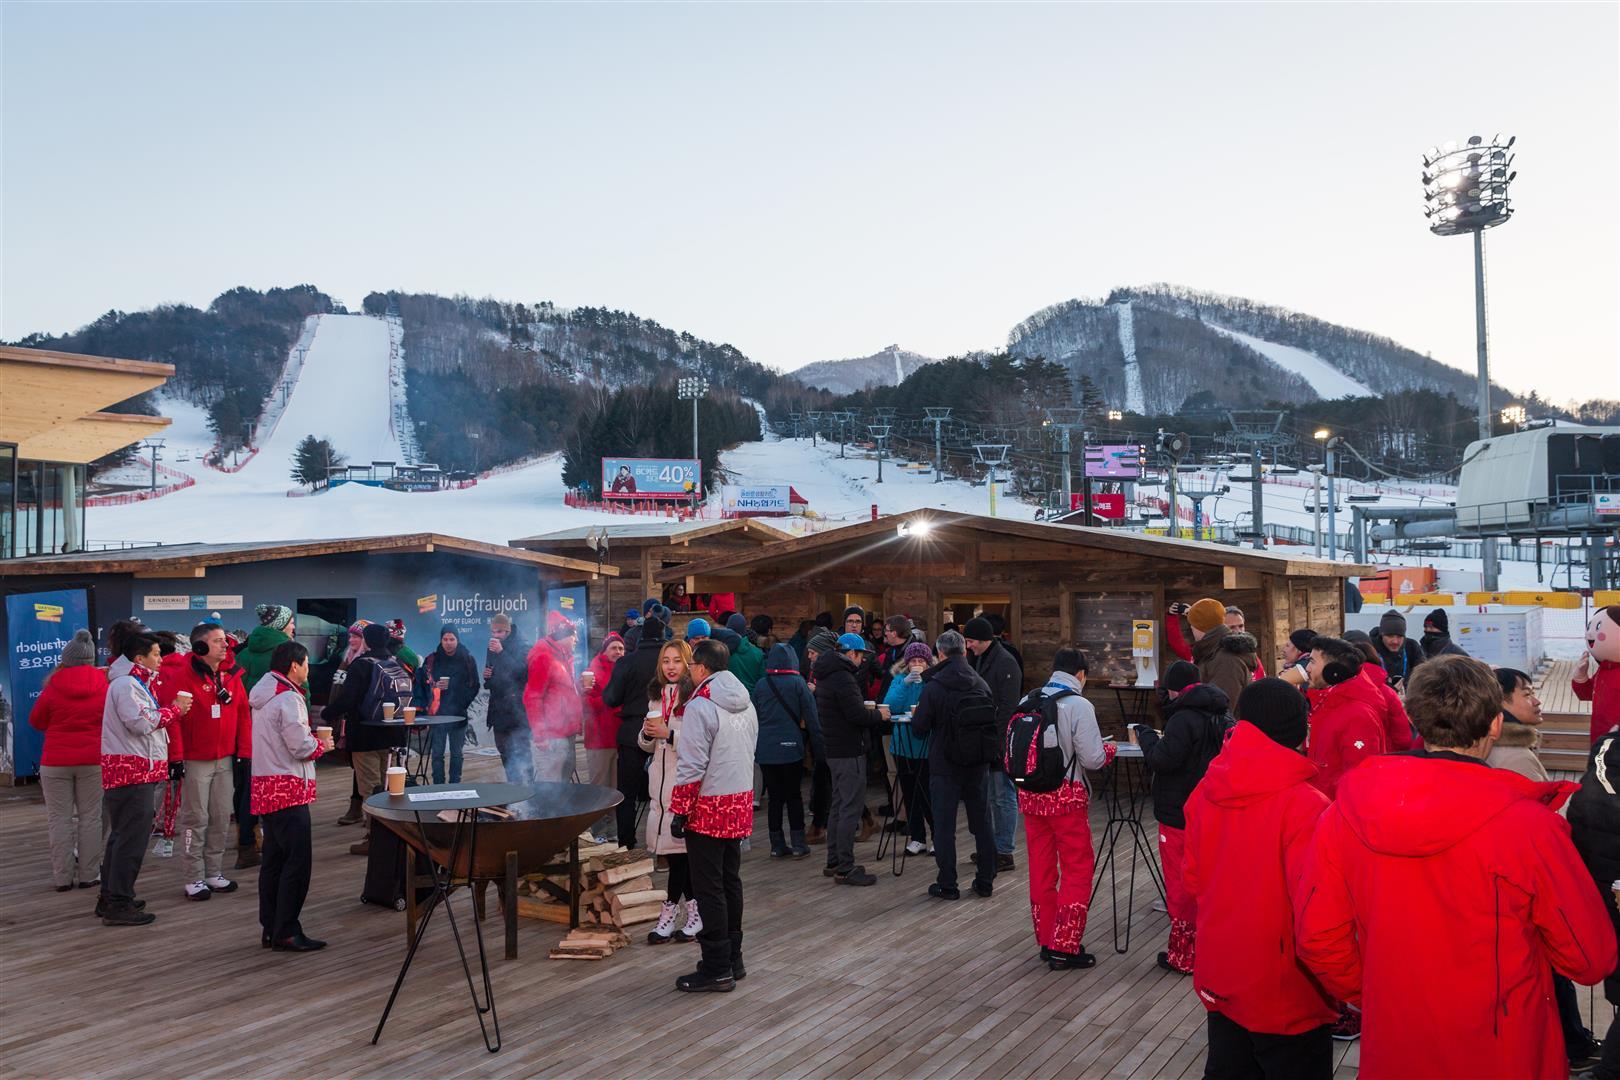 PyeongChang 2018 - House Of Switzerland